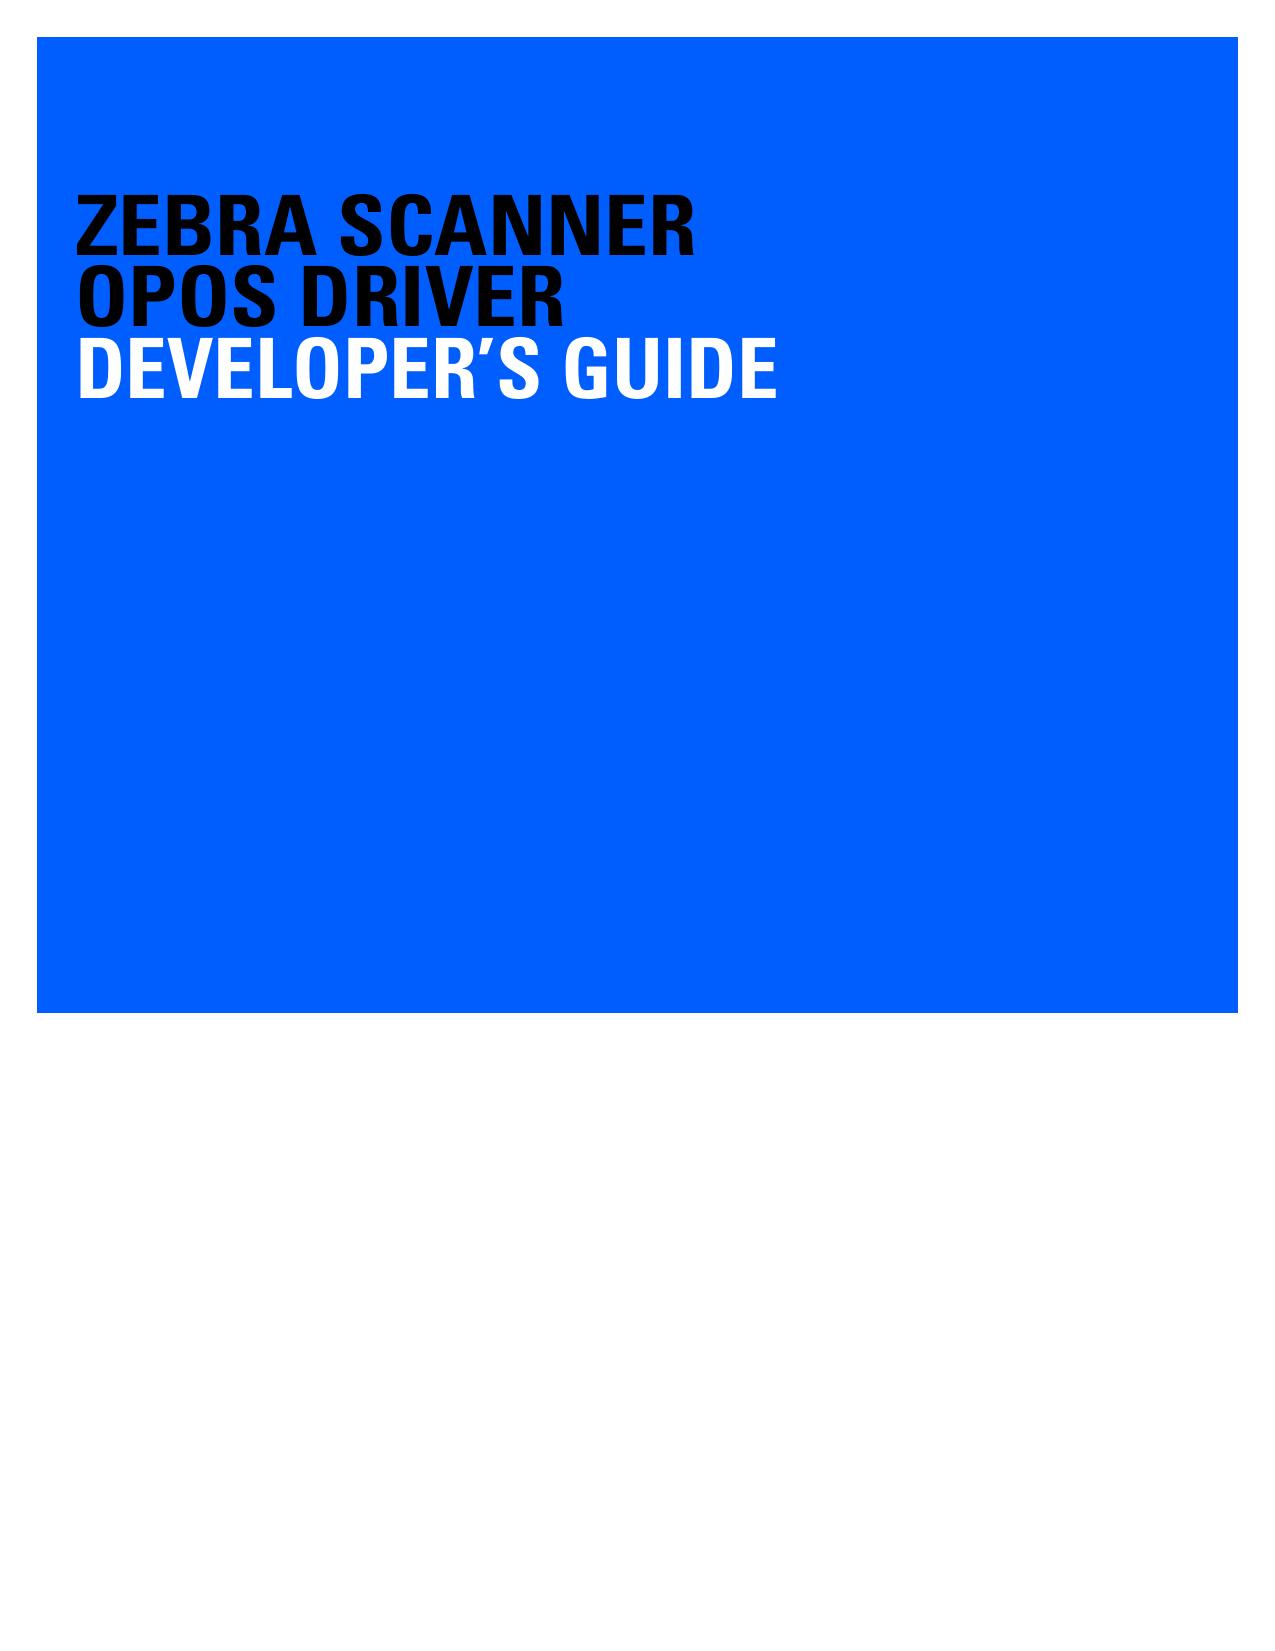 Zebra Scanner OPOS Driver Developer`s Guide | manualzz com